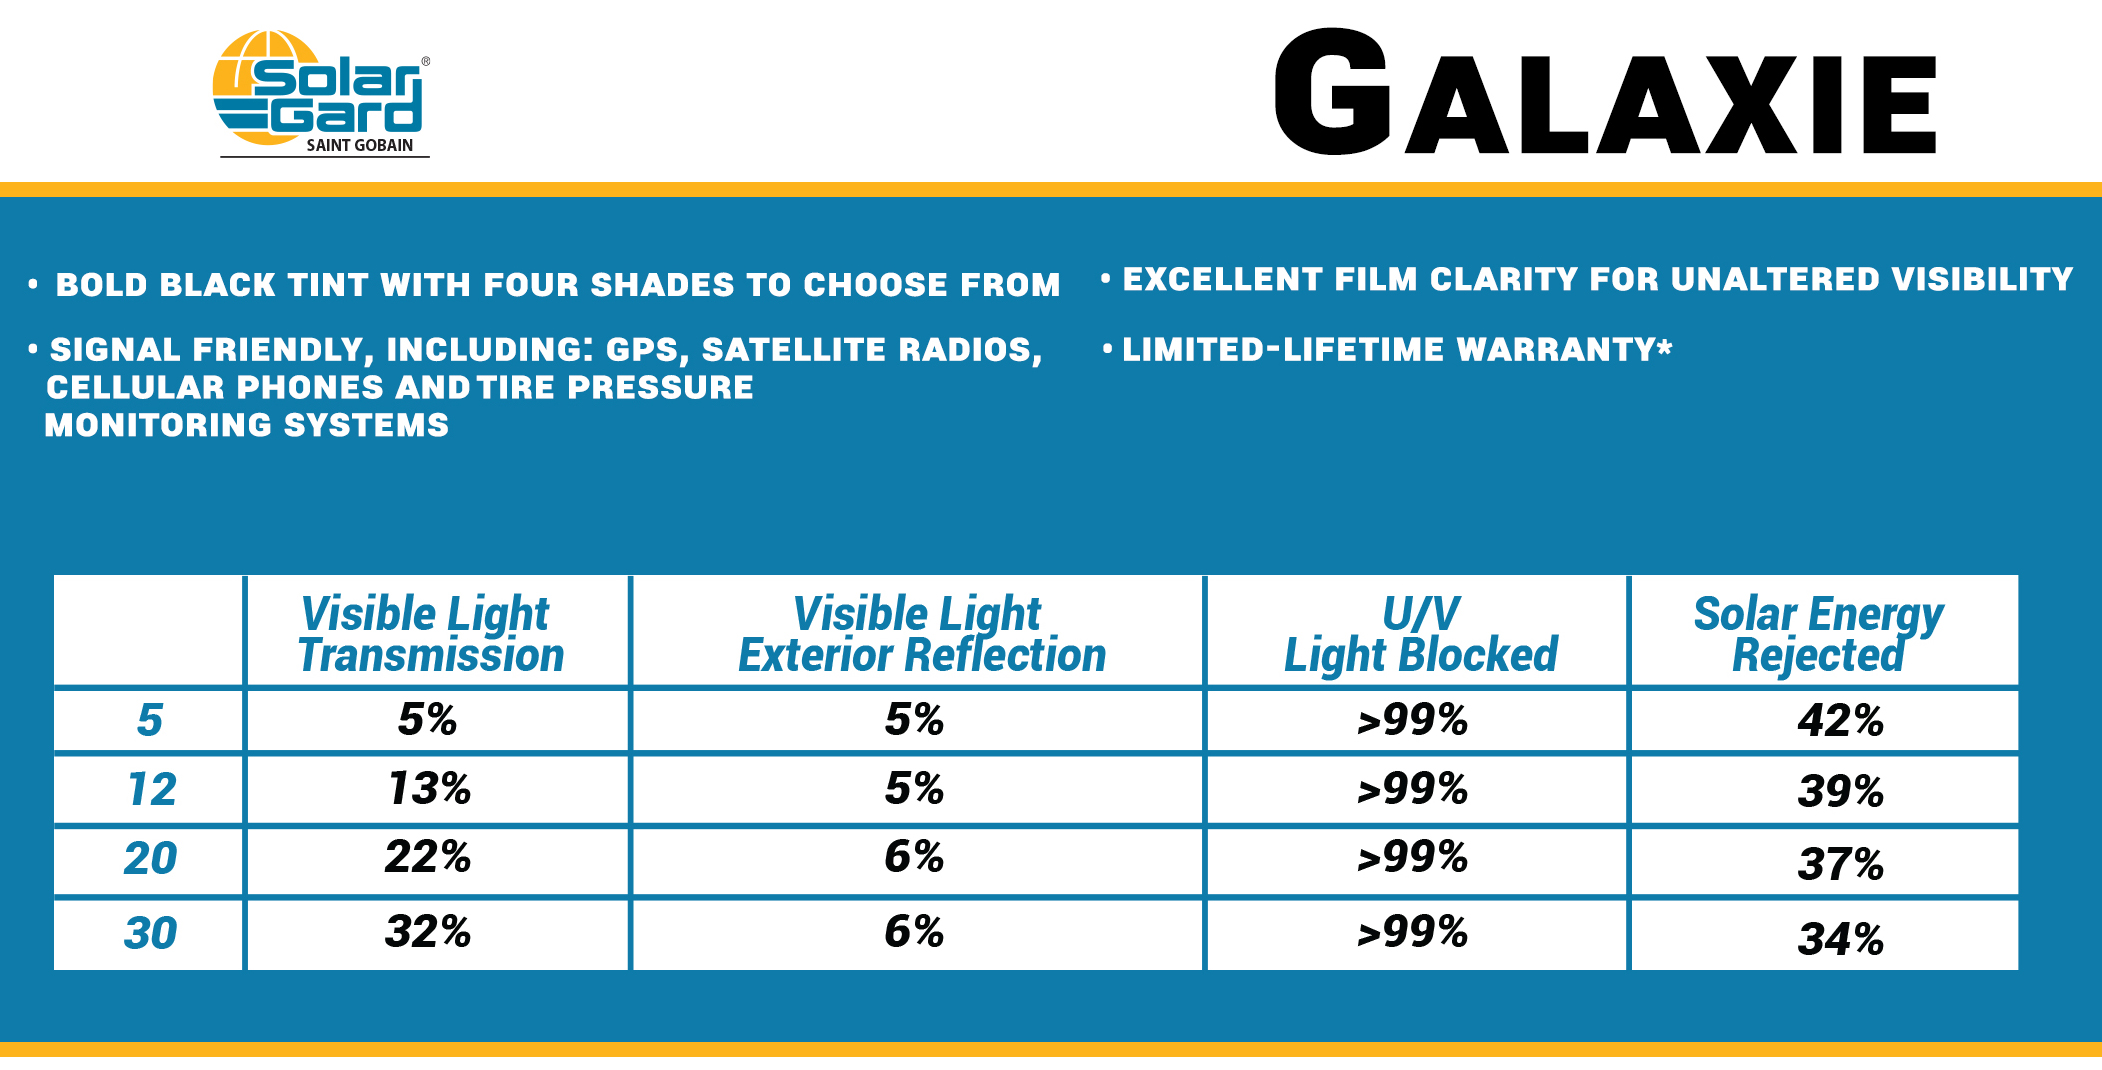 galaxie automotive window film